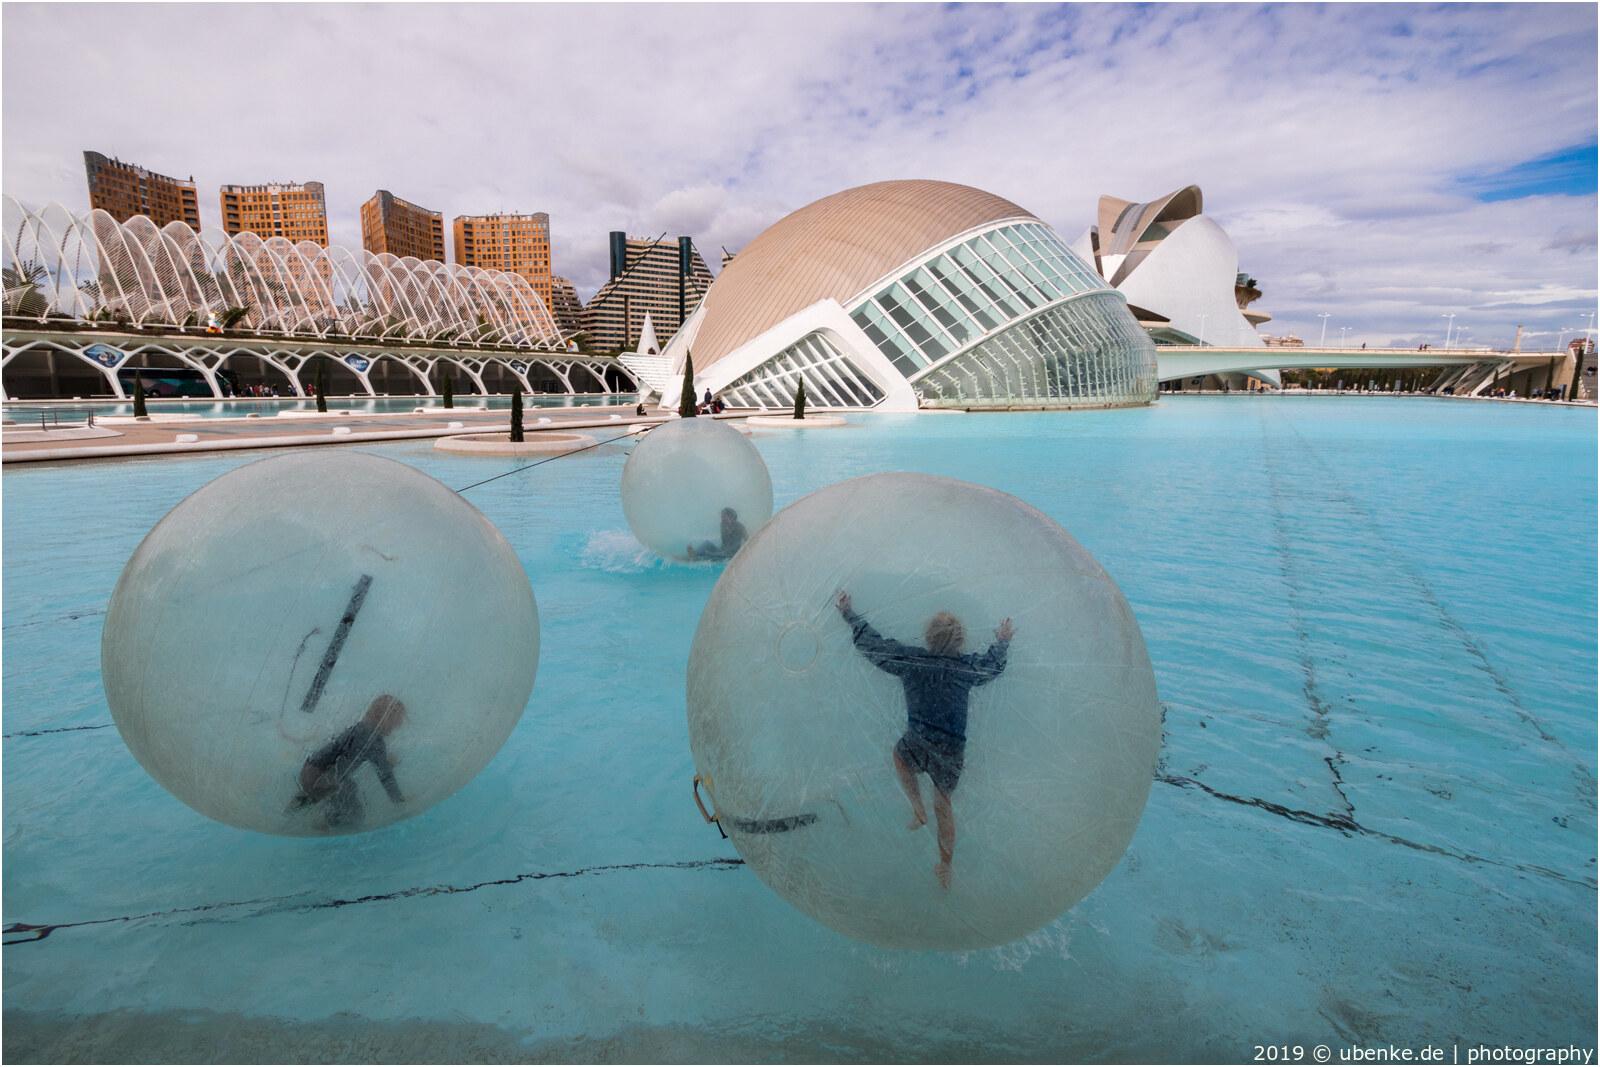 _bubbles